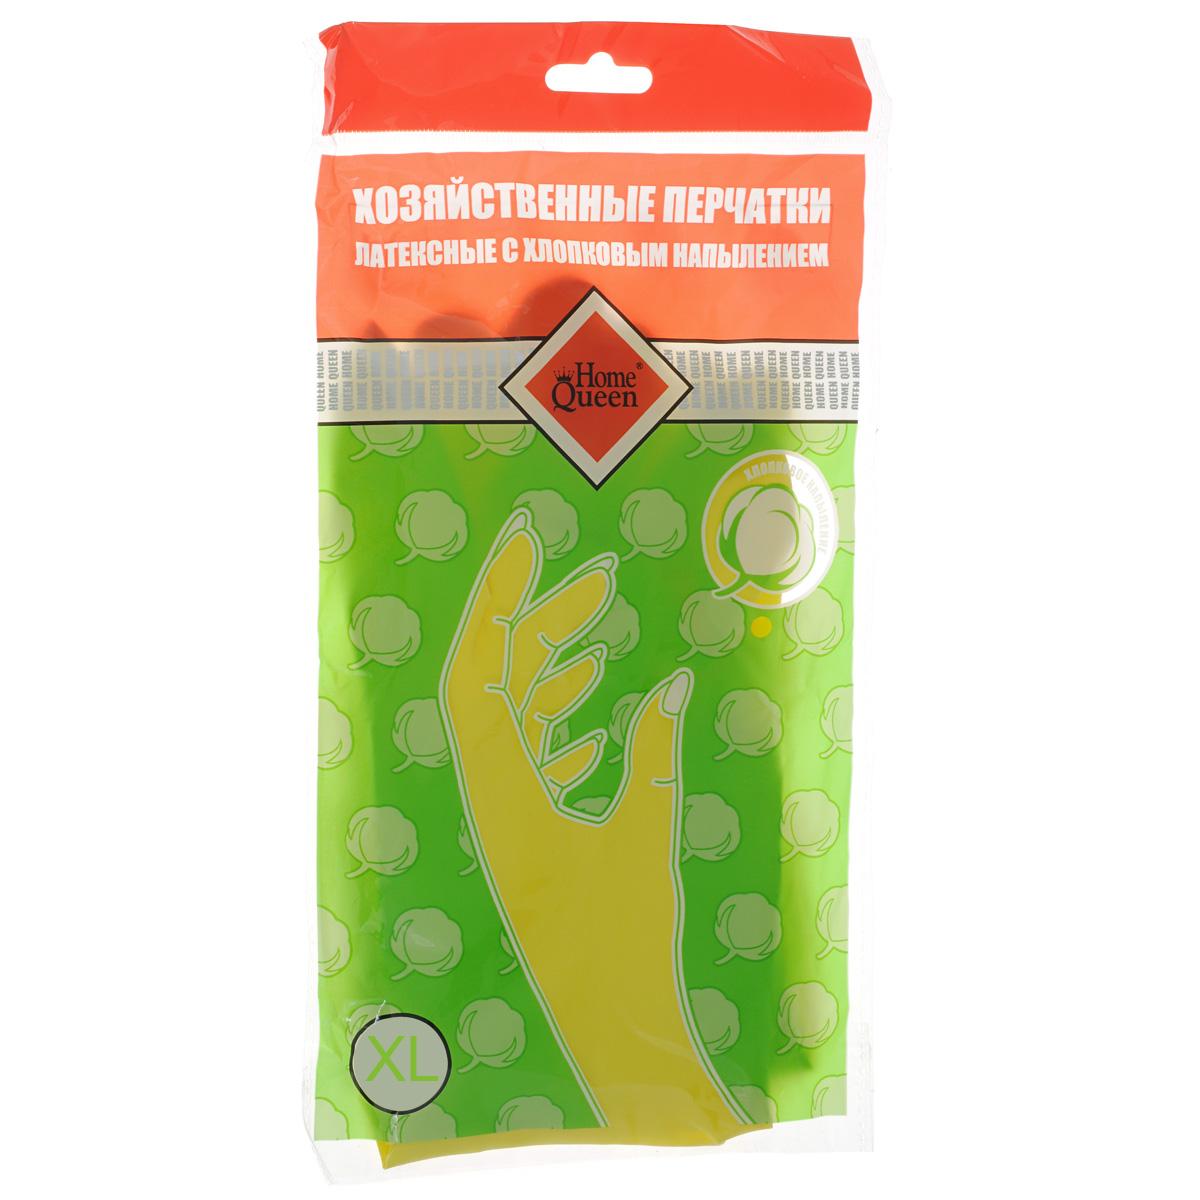 Перчатки латексные Home Queen, с хлопковым напылением. Размер XL57106XLПерчатки Home Queen защитят ваши руки от воздействия бытовой химии и грязи. Подойдут для всех видов хозяйственных работ. Выполнены из латекса с хлопковым напылением.